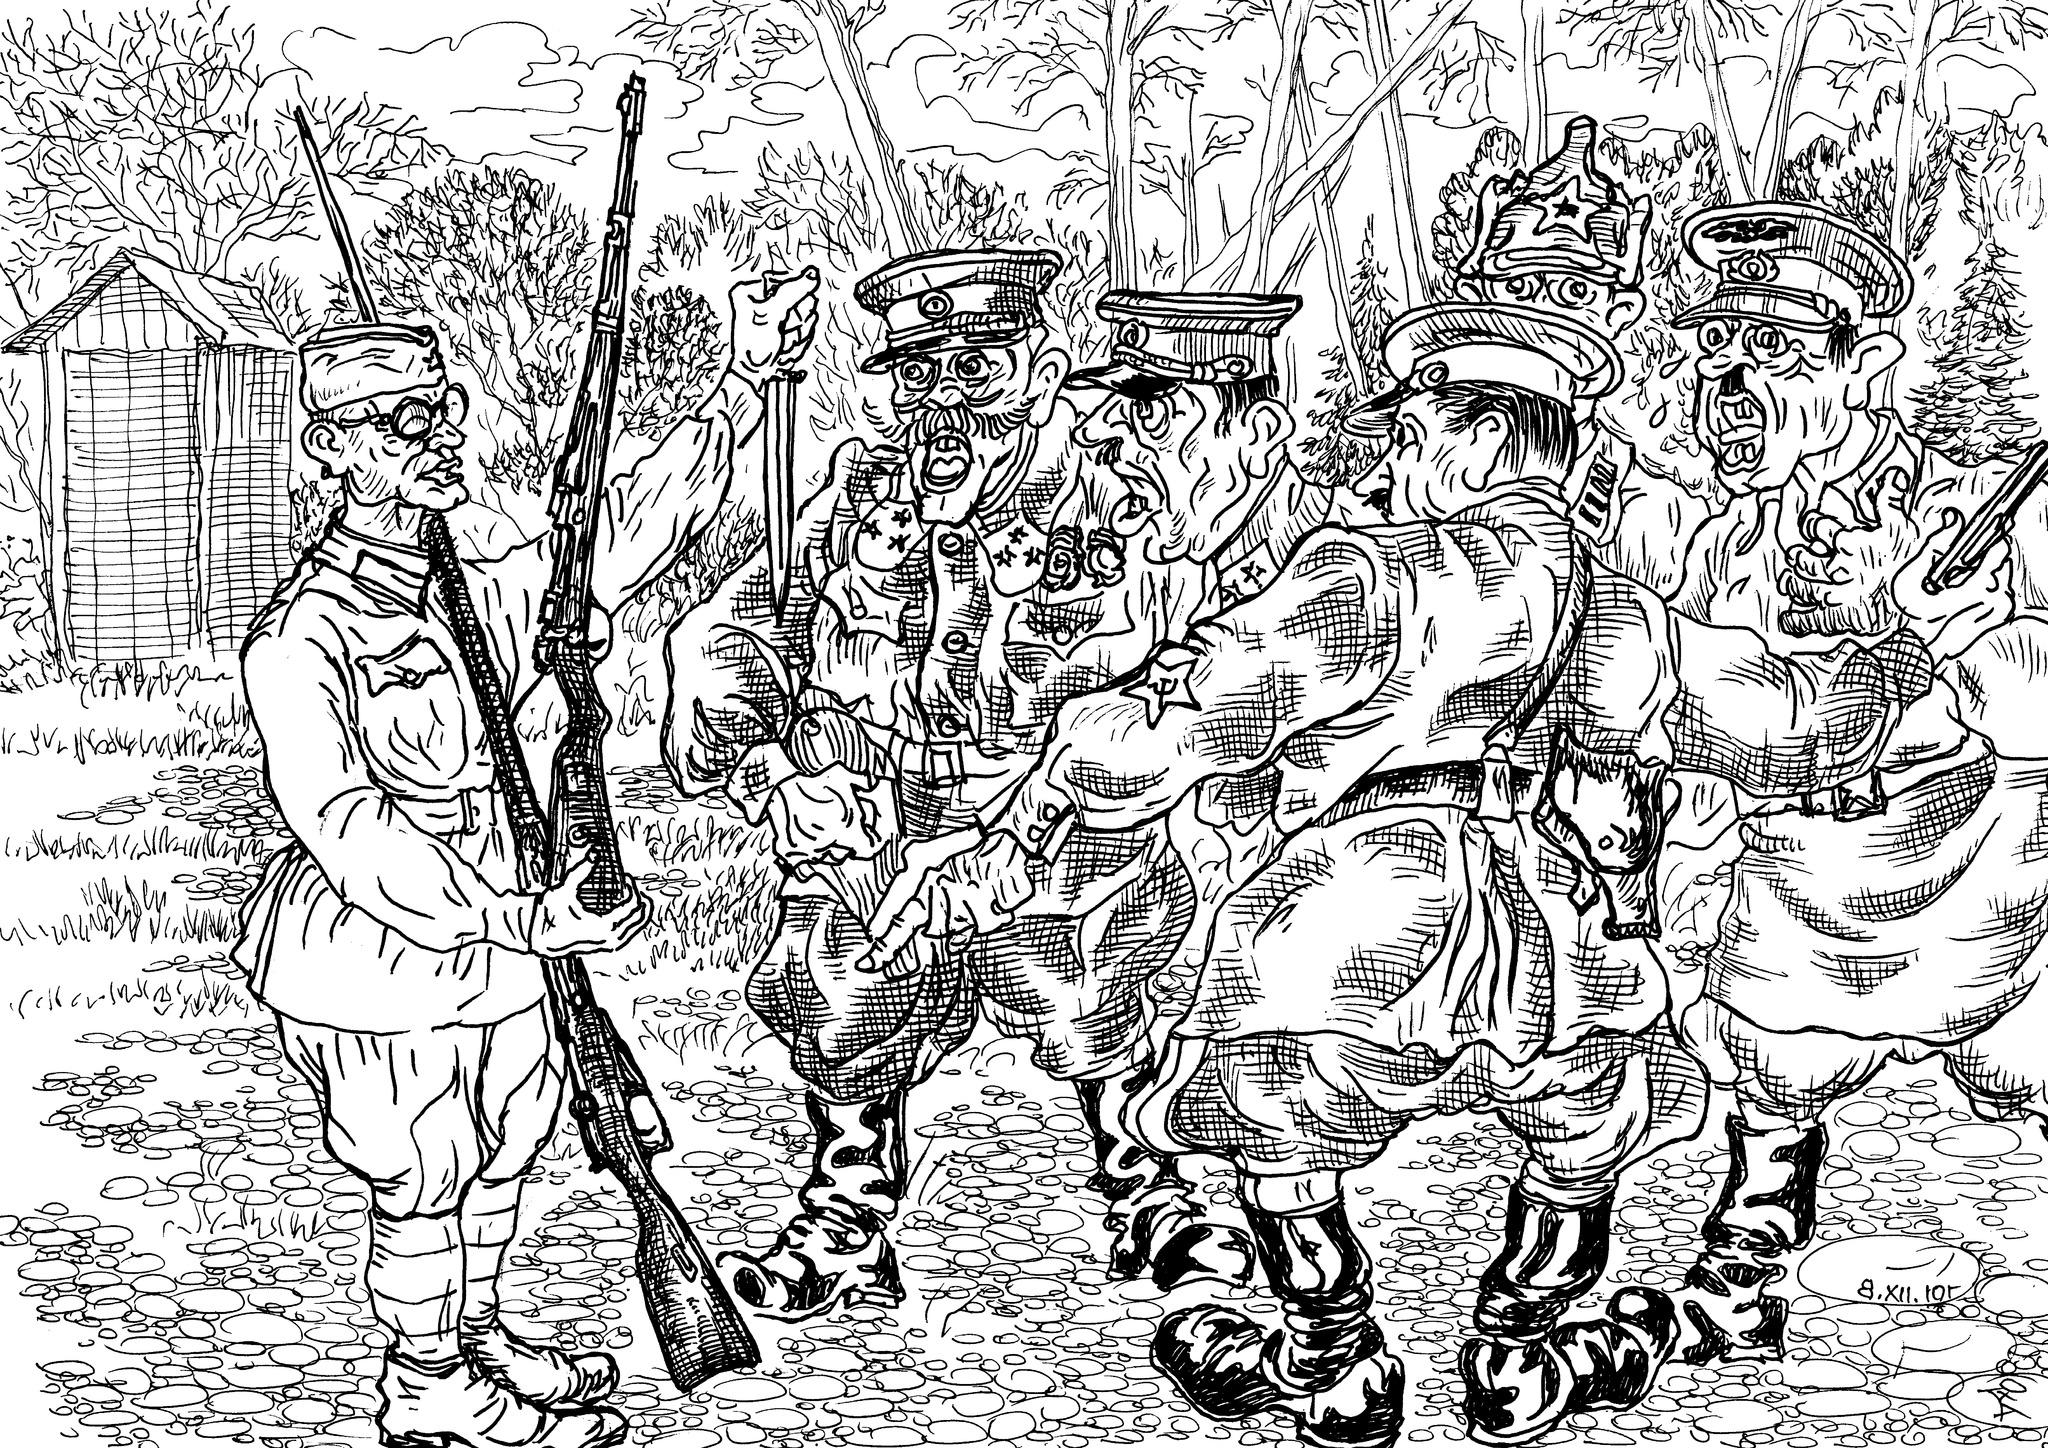 Инженер-ополченец объясняет, отчего немецкая пехота избегает штыкового боя